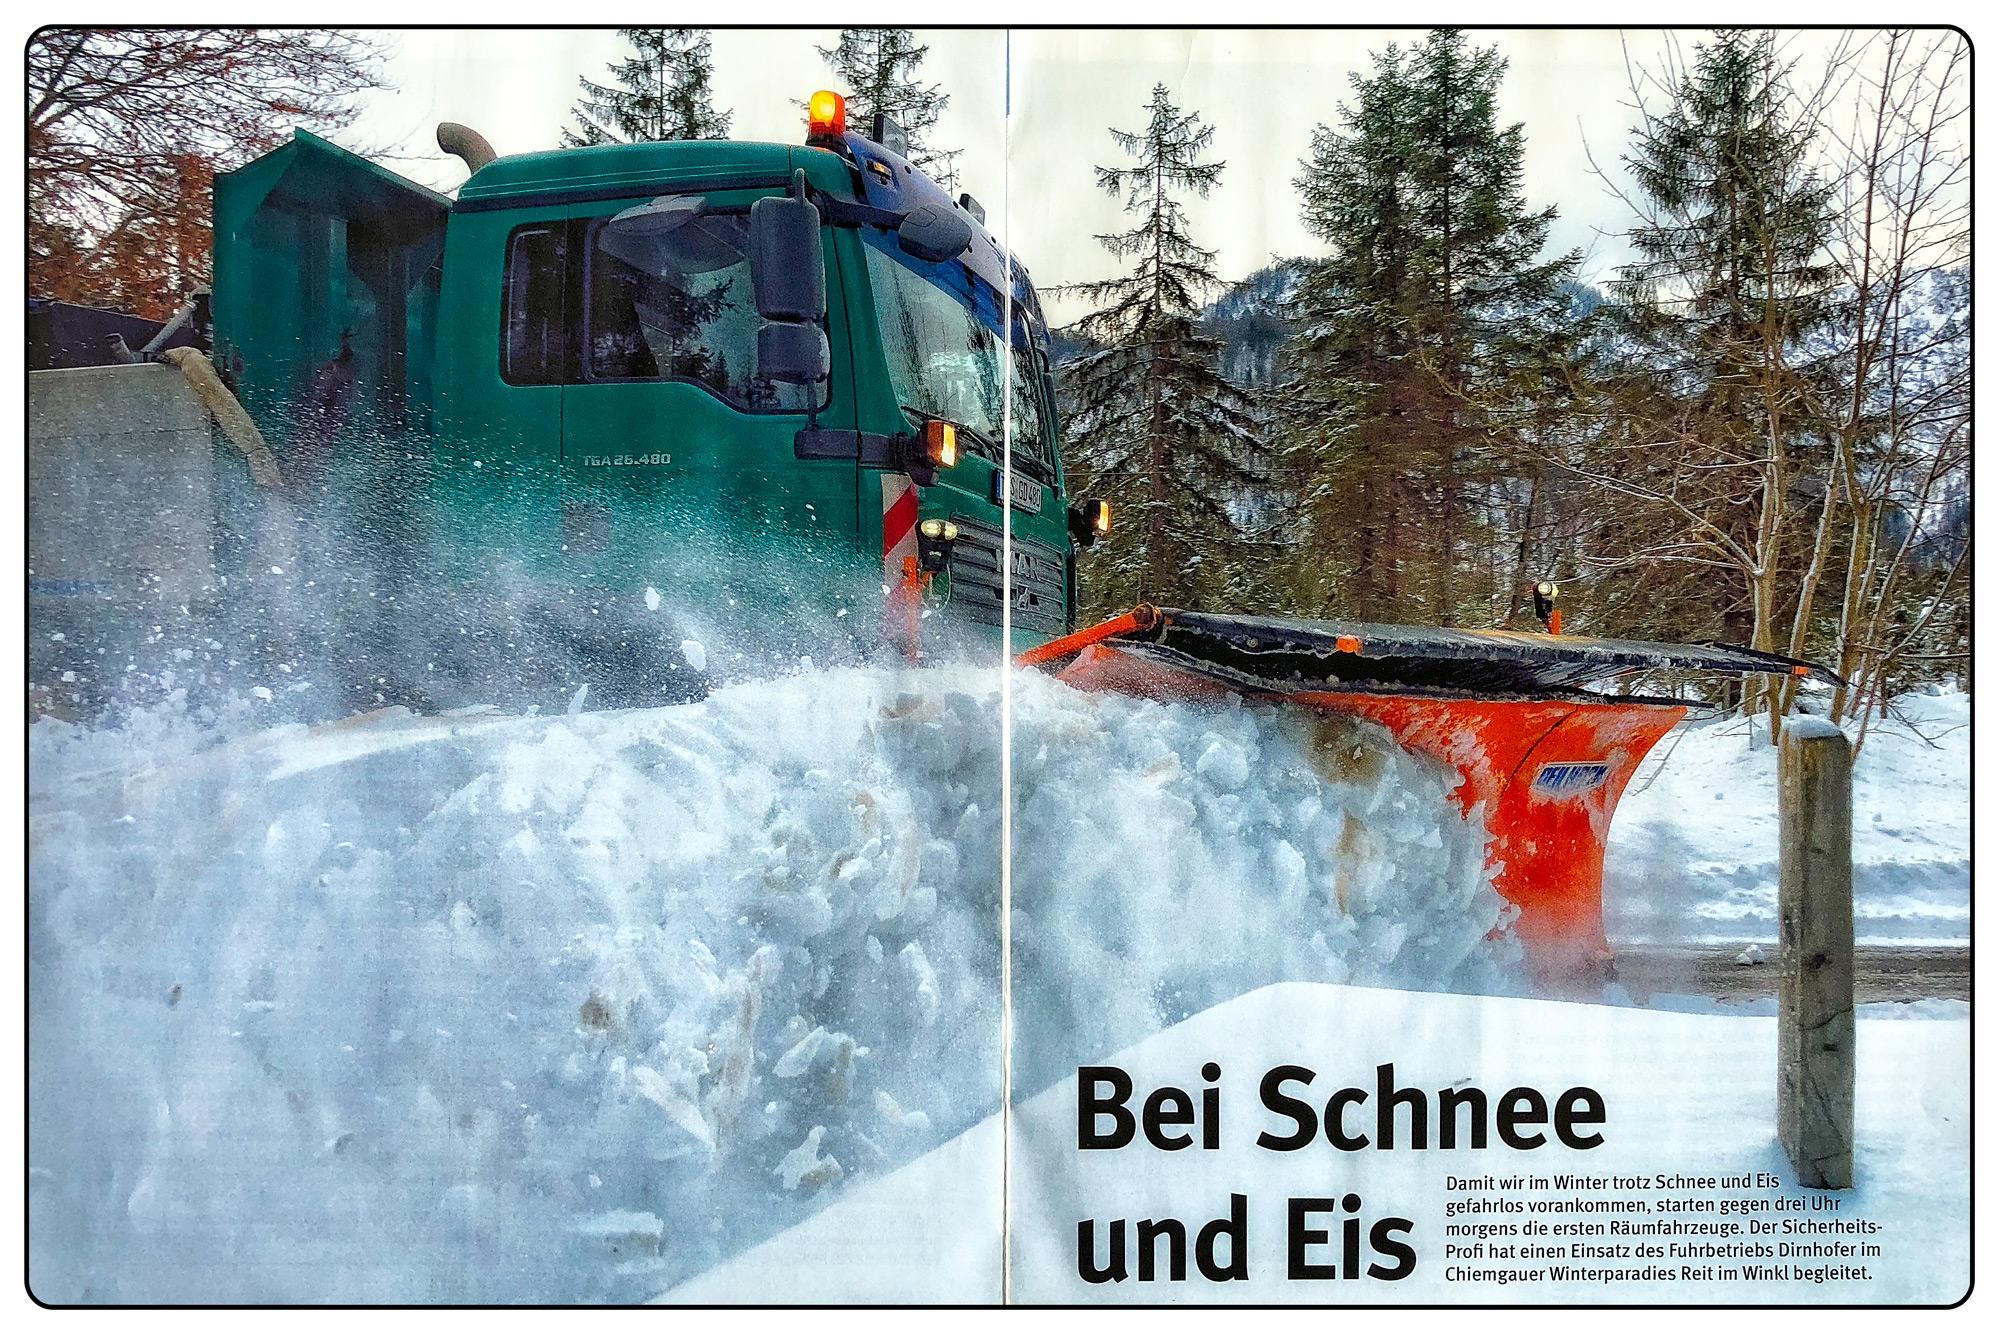 SchneerRaeumung01-2015